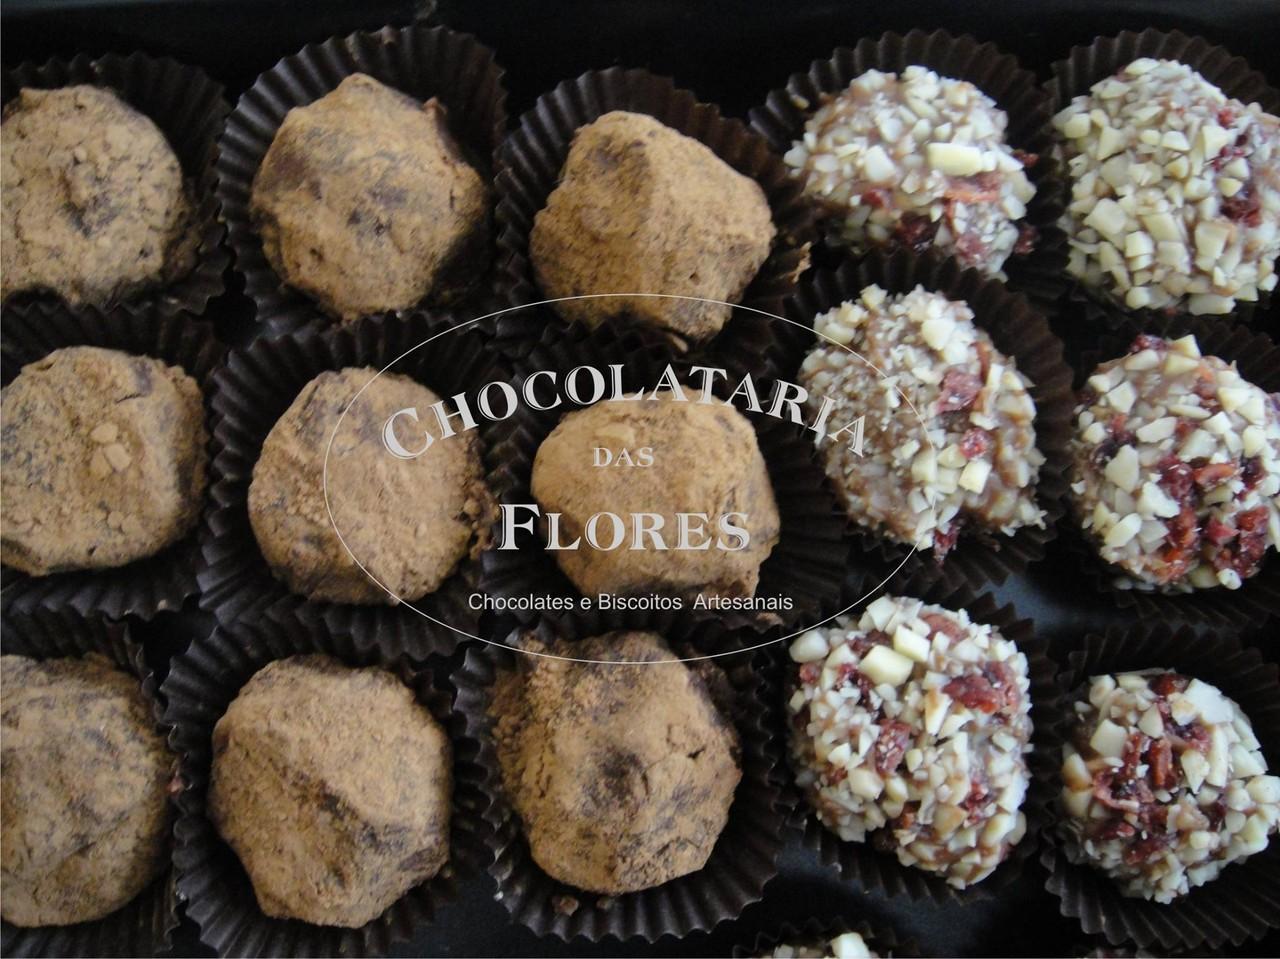 chocolataria1.jpg